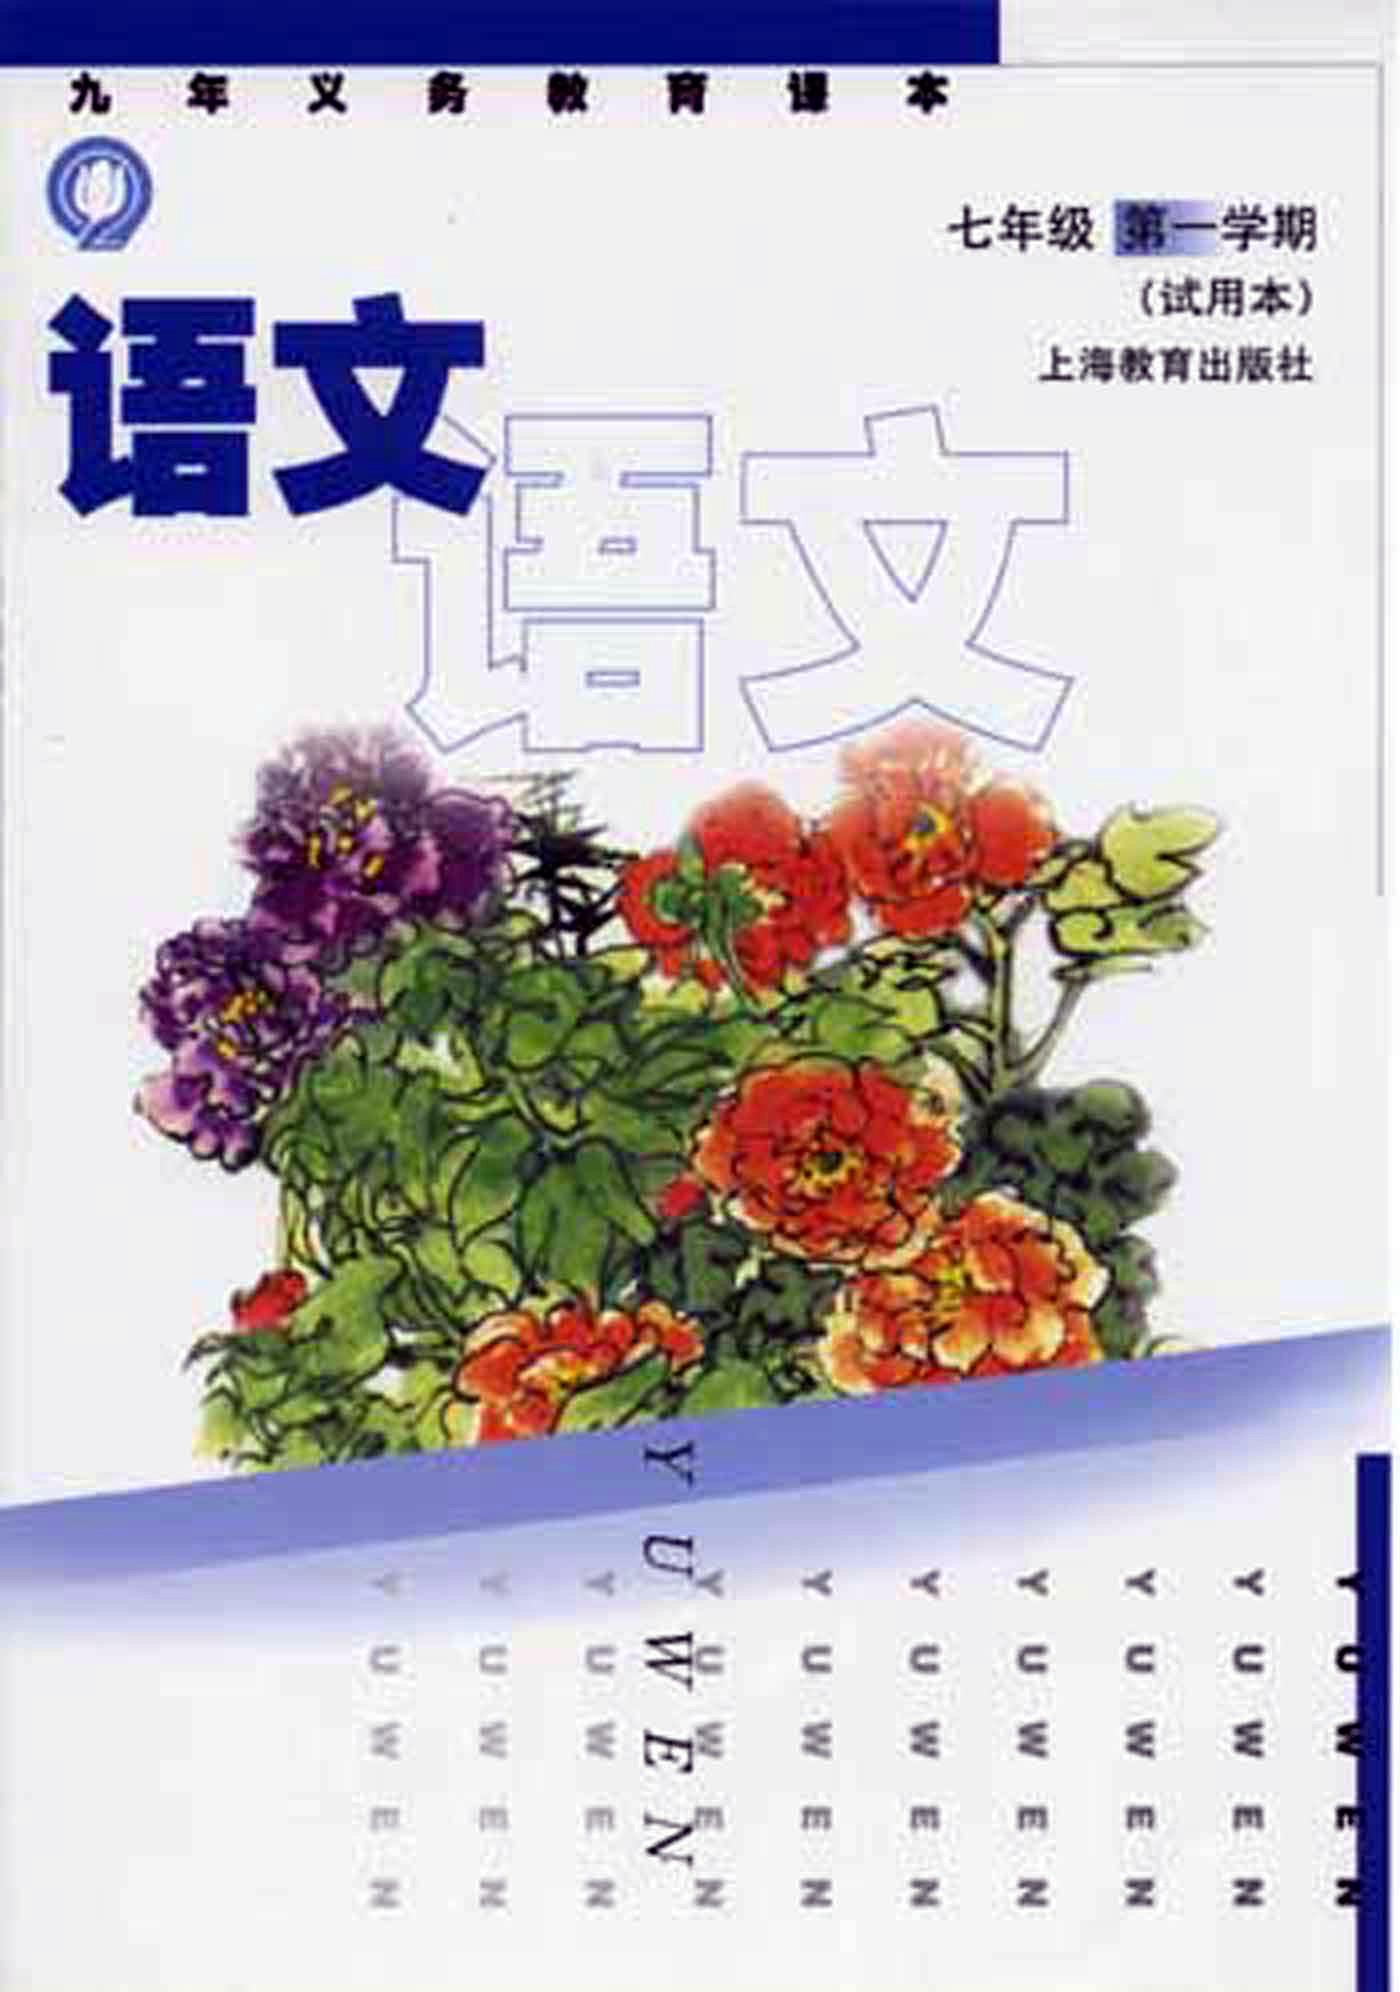 沪教版七年级语文亚博体育在哪下载